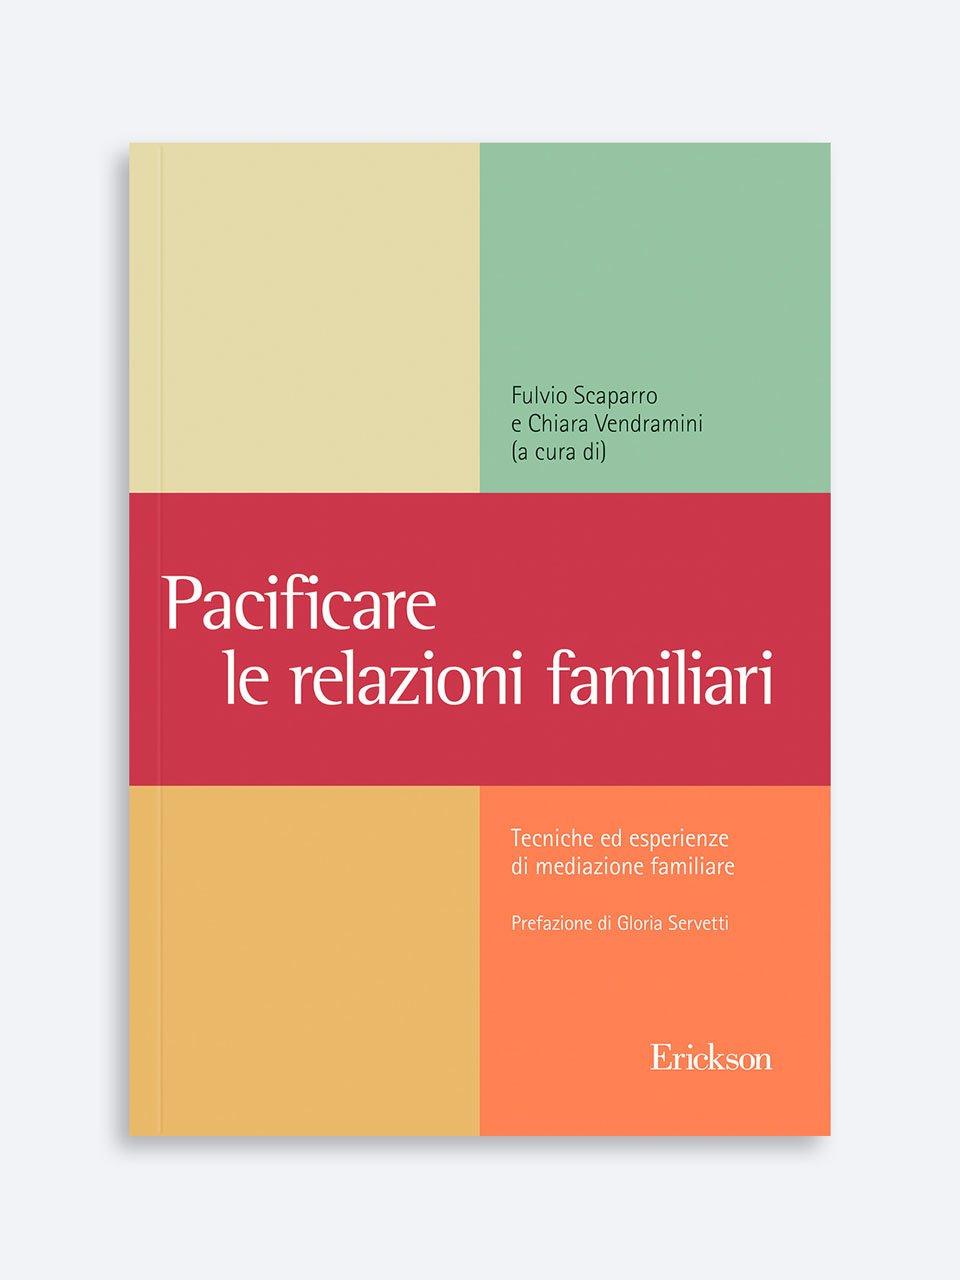 Pacificare le relazioni familiari - Una badante in famiglia - Libri - Erickson